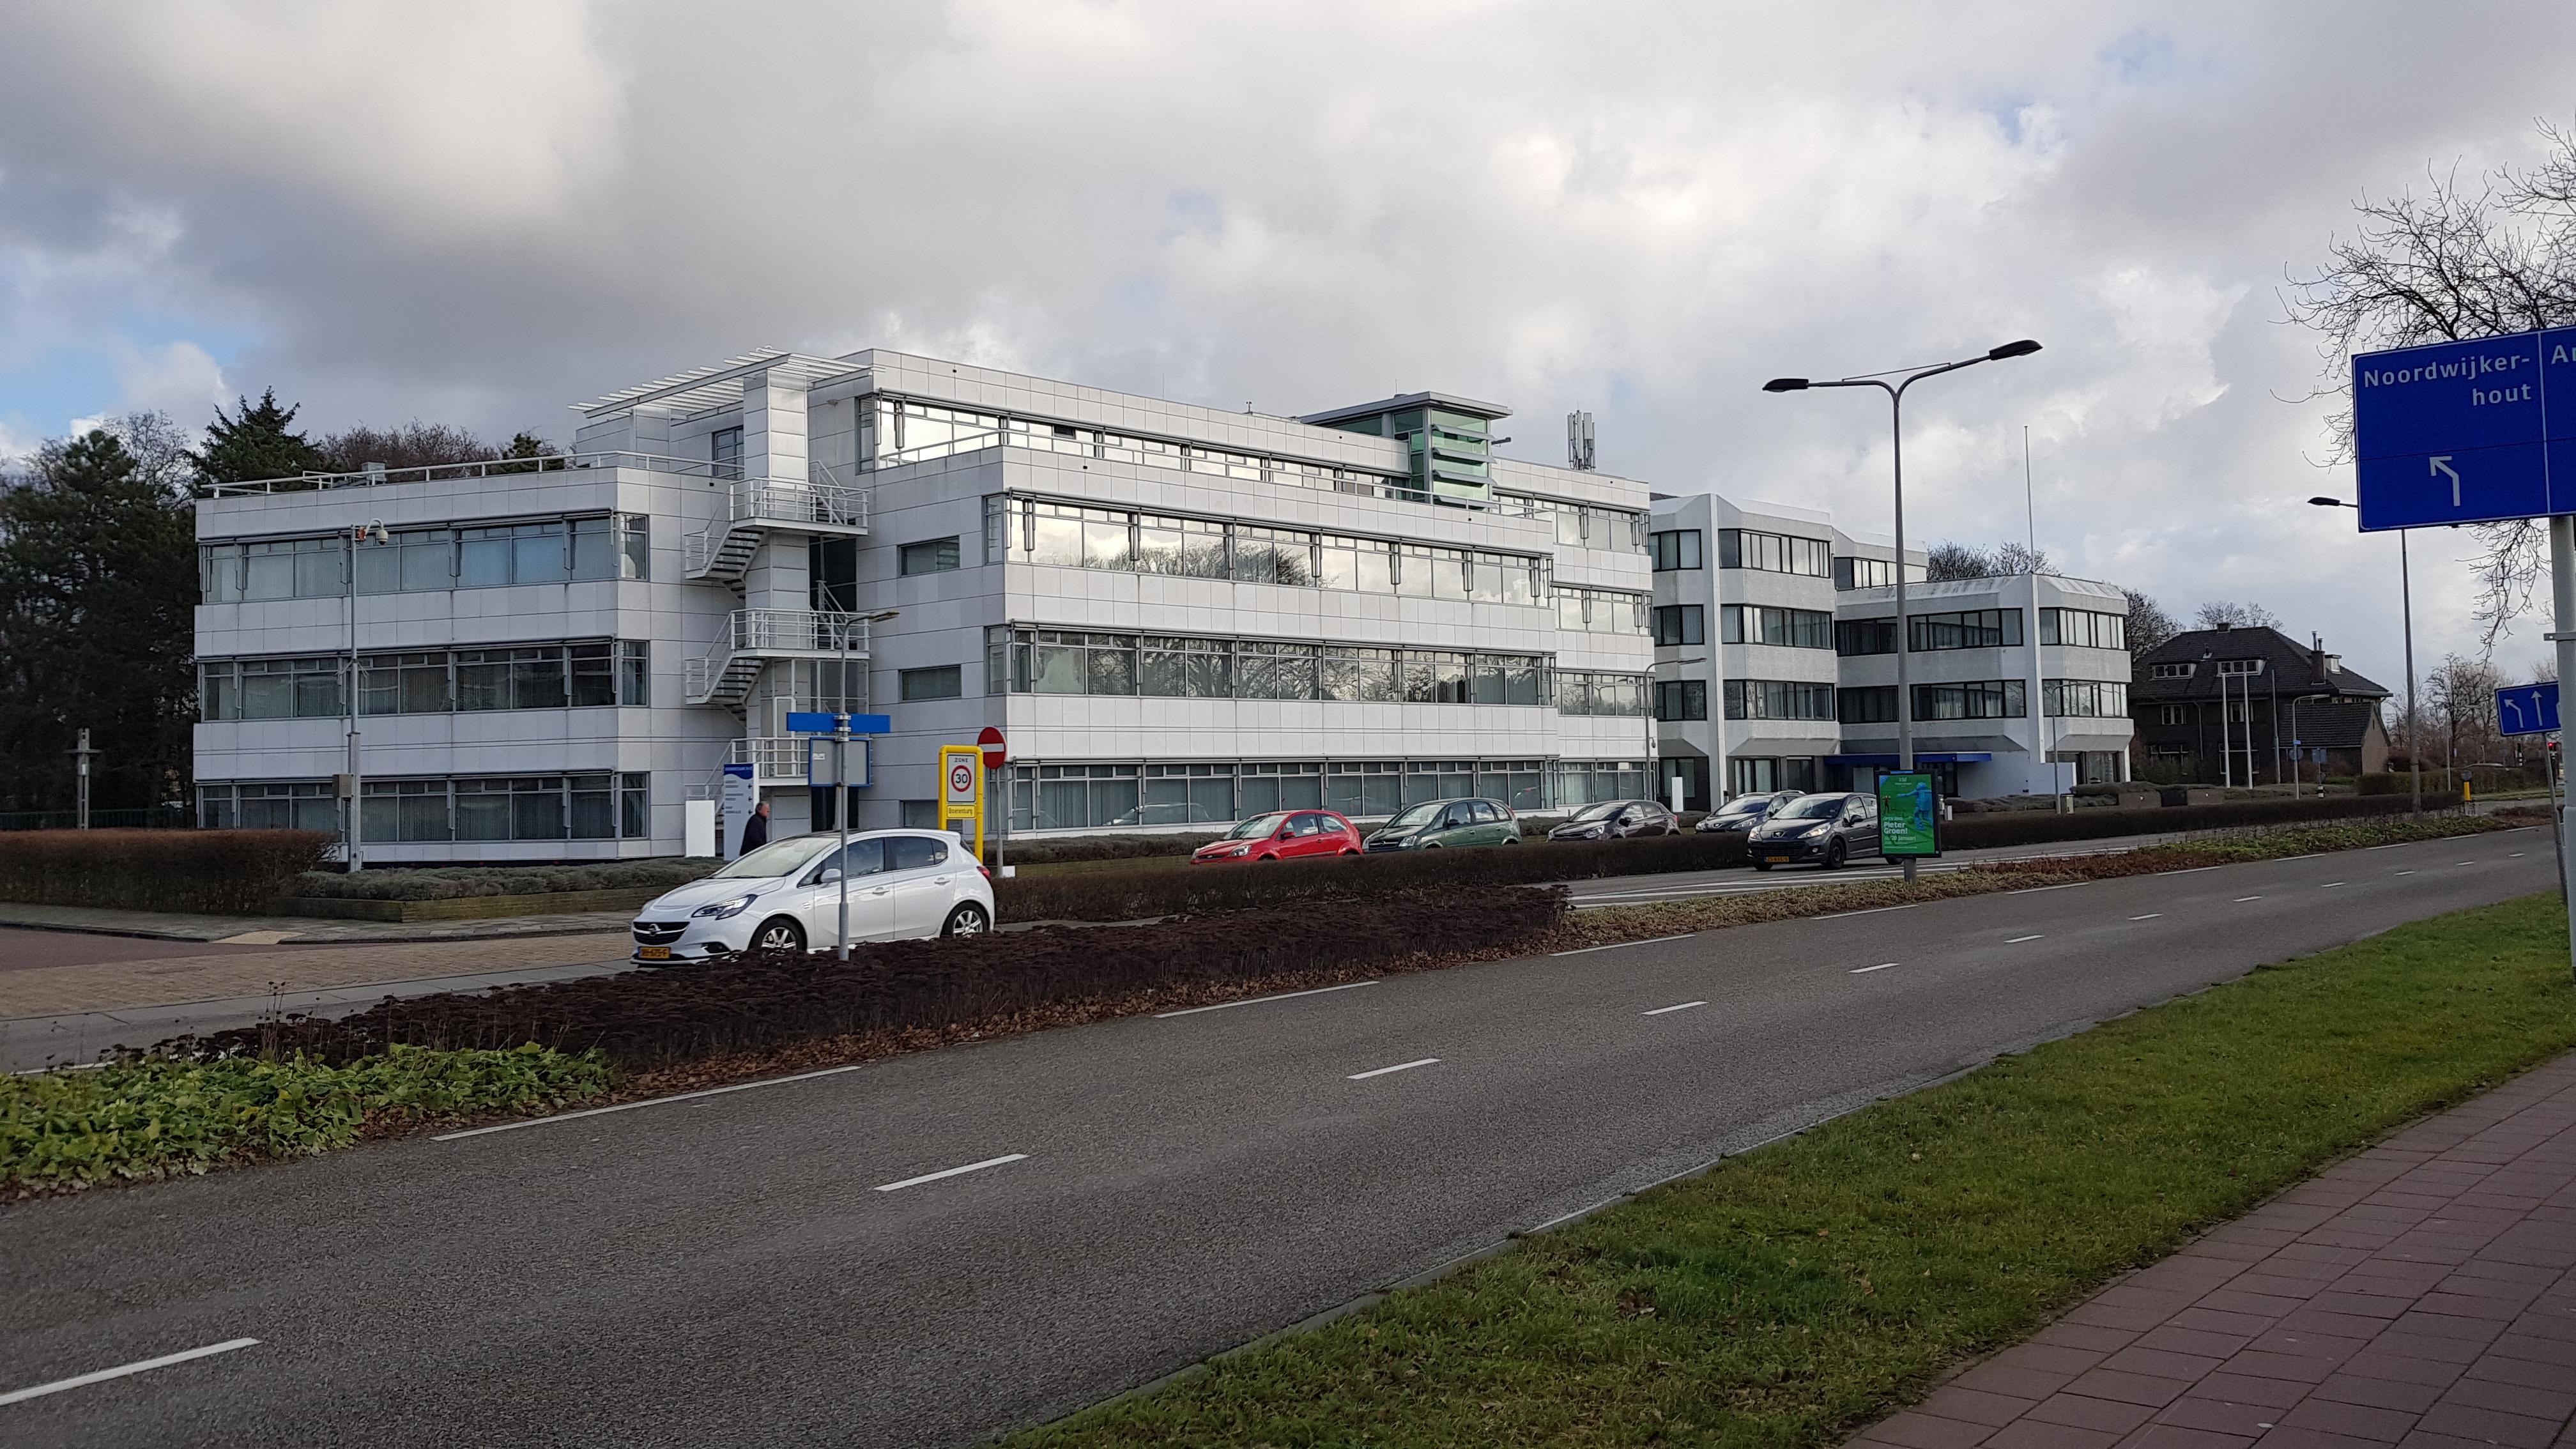 Achmea wil pand Zilveren Kruis in Noordwijk vervangen door 150 appartementen